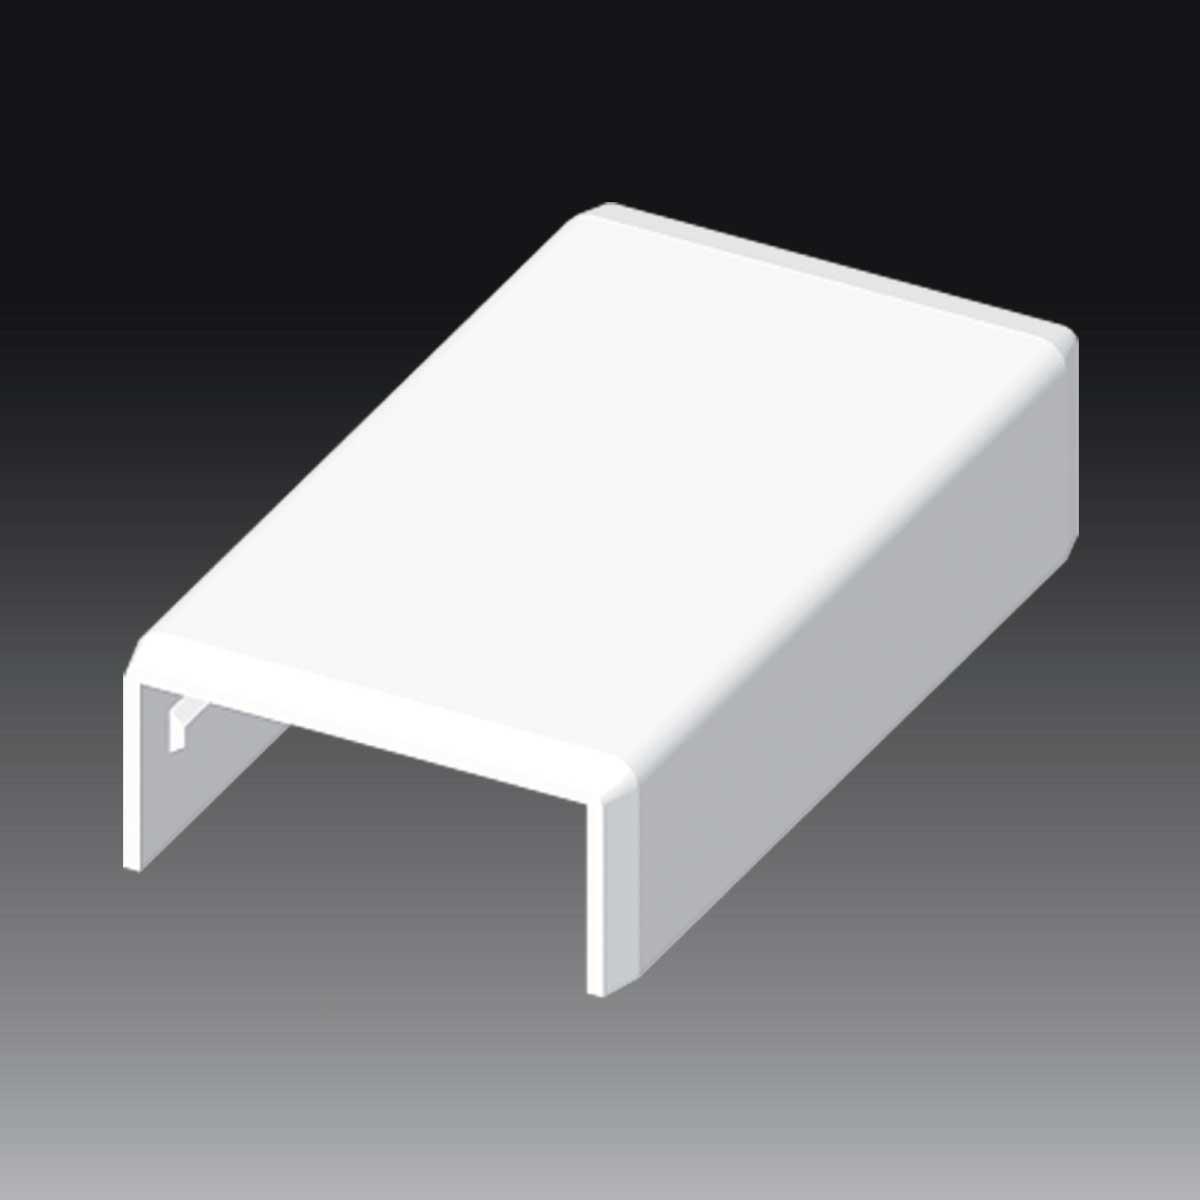 З'єднувач для LHD 50x20, LHD 50x20/1, LHD 50x20/2 білого кольору; Серія LHD; ПВХ